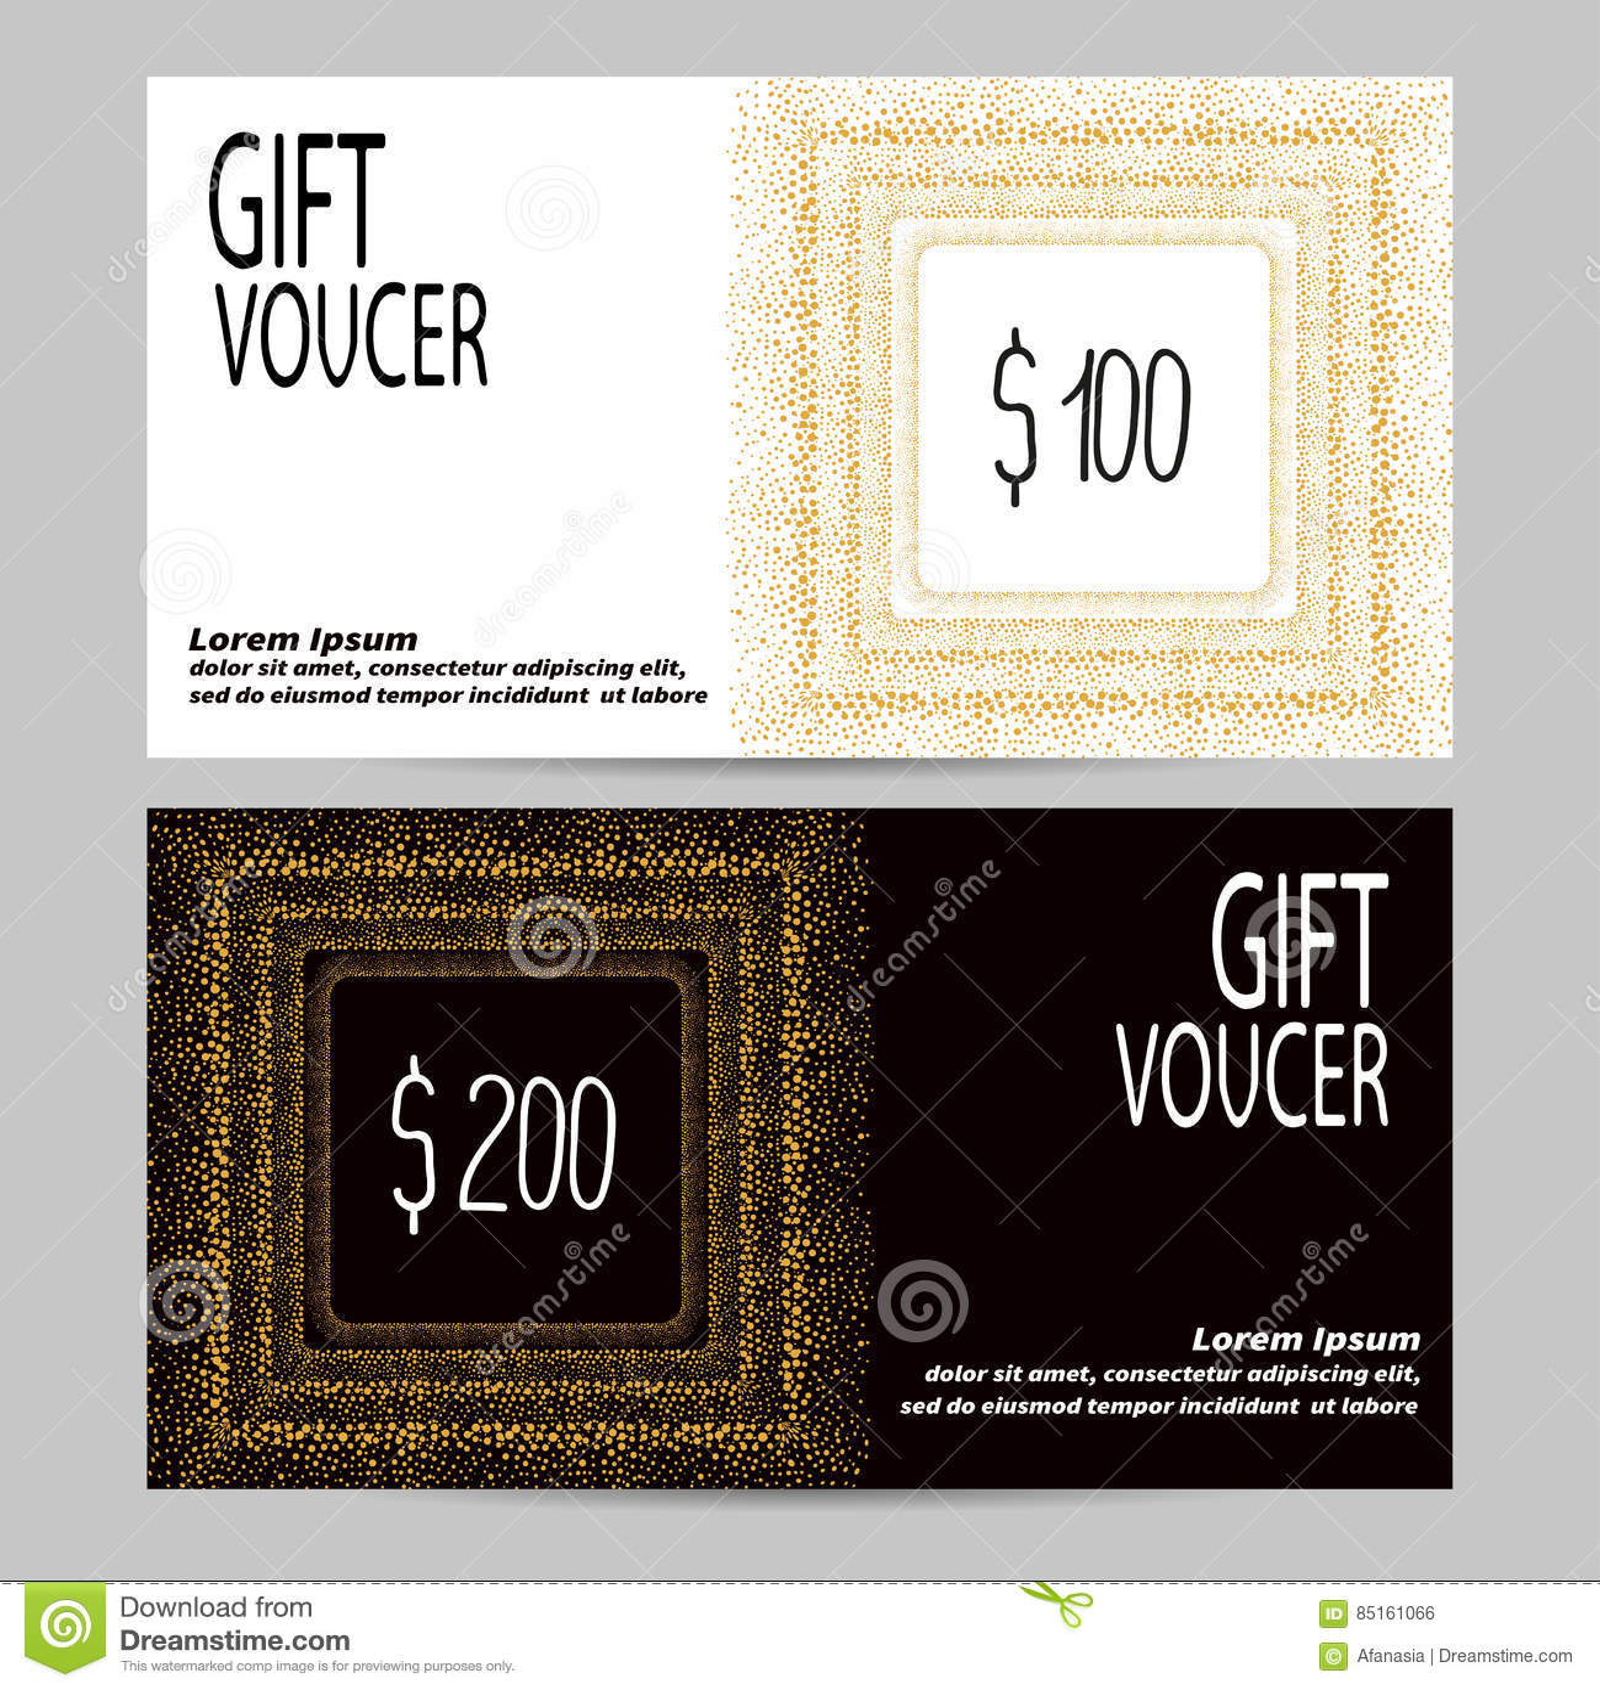 Gift voucher vector template in golden black and white colors download gift voucher vector template in golden black and white colors stock vector yadclub Gallery